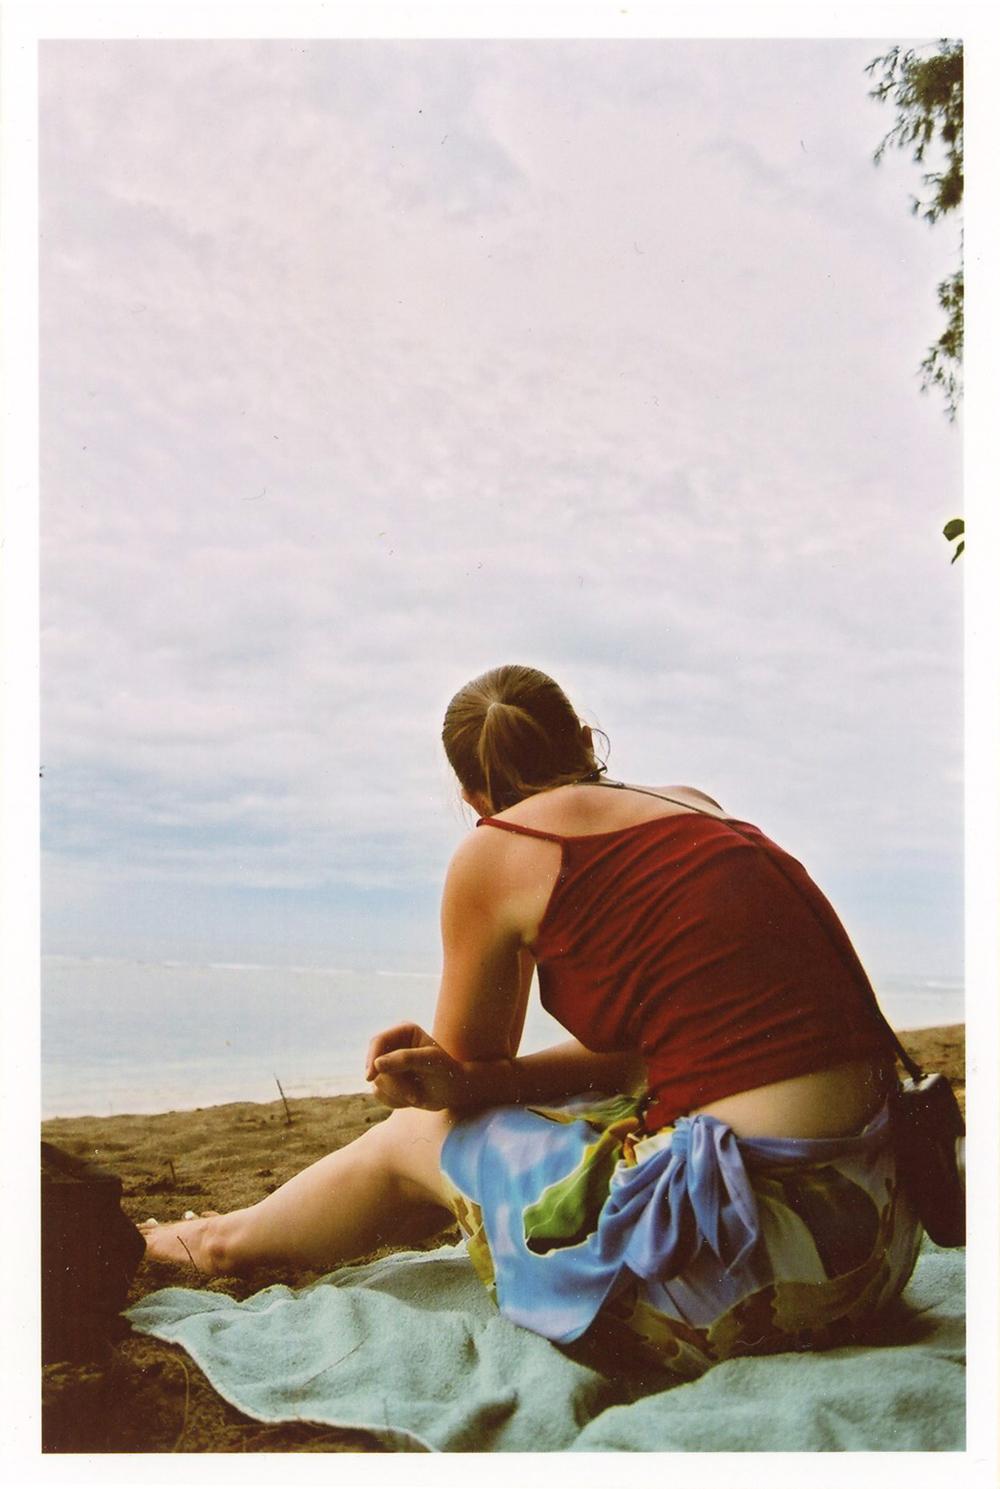 Maia on the Beach, 2003